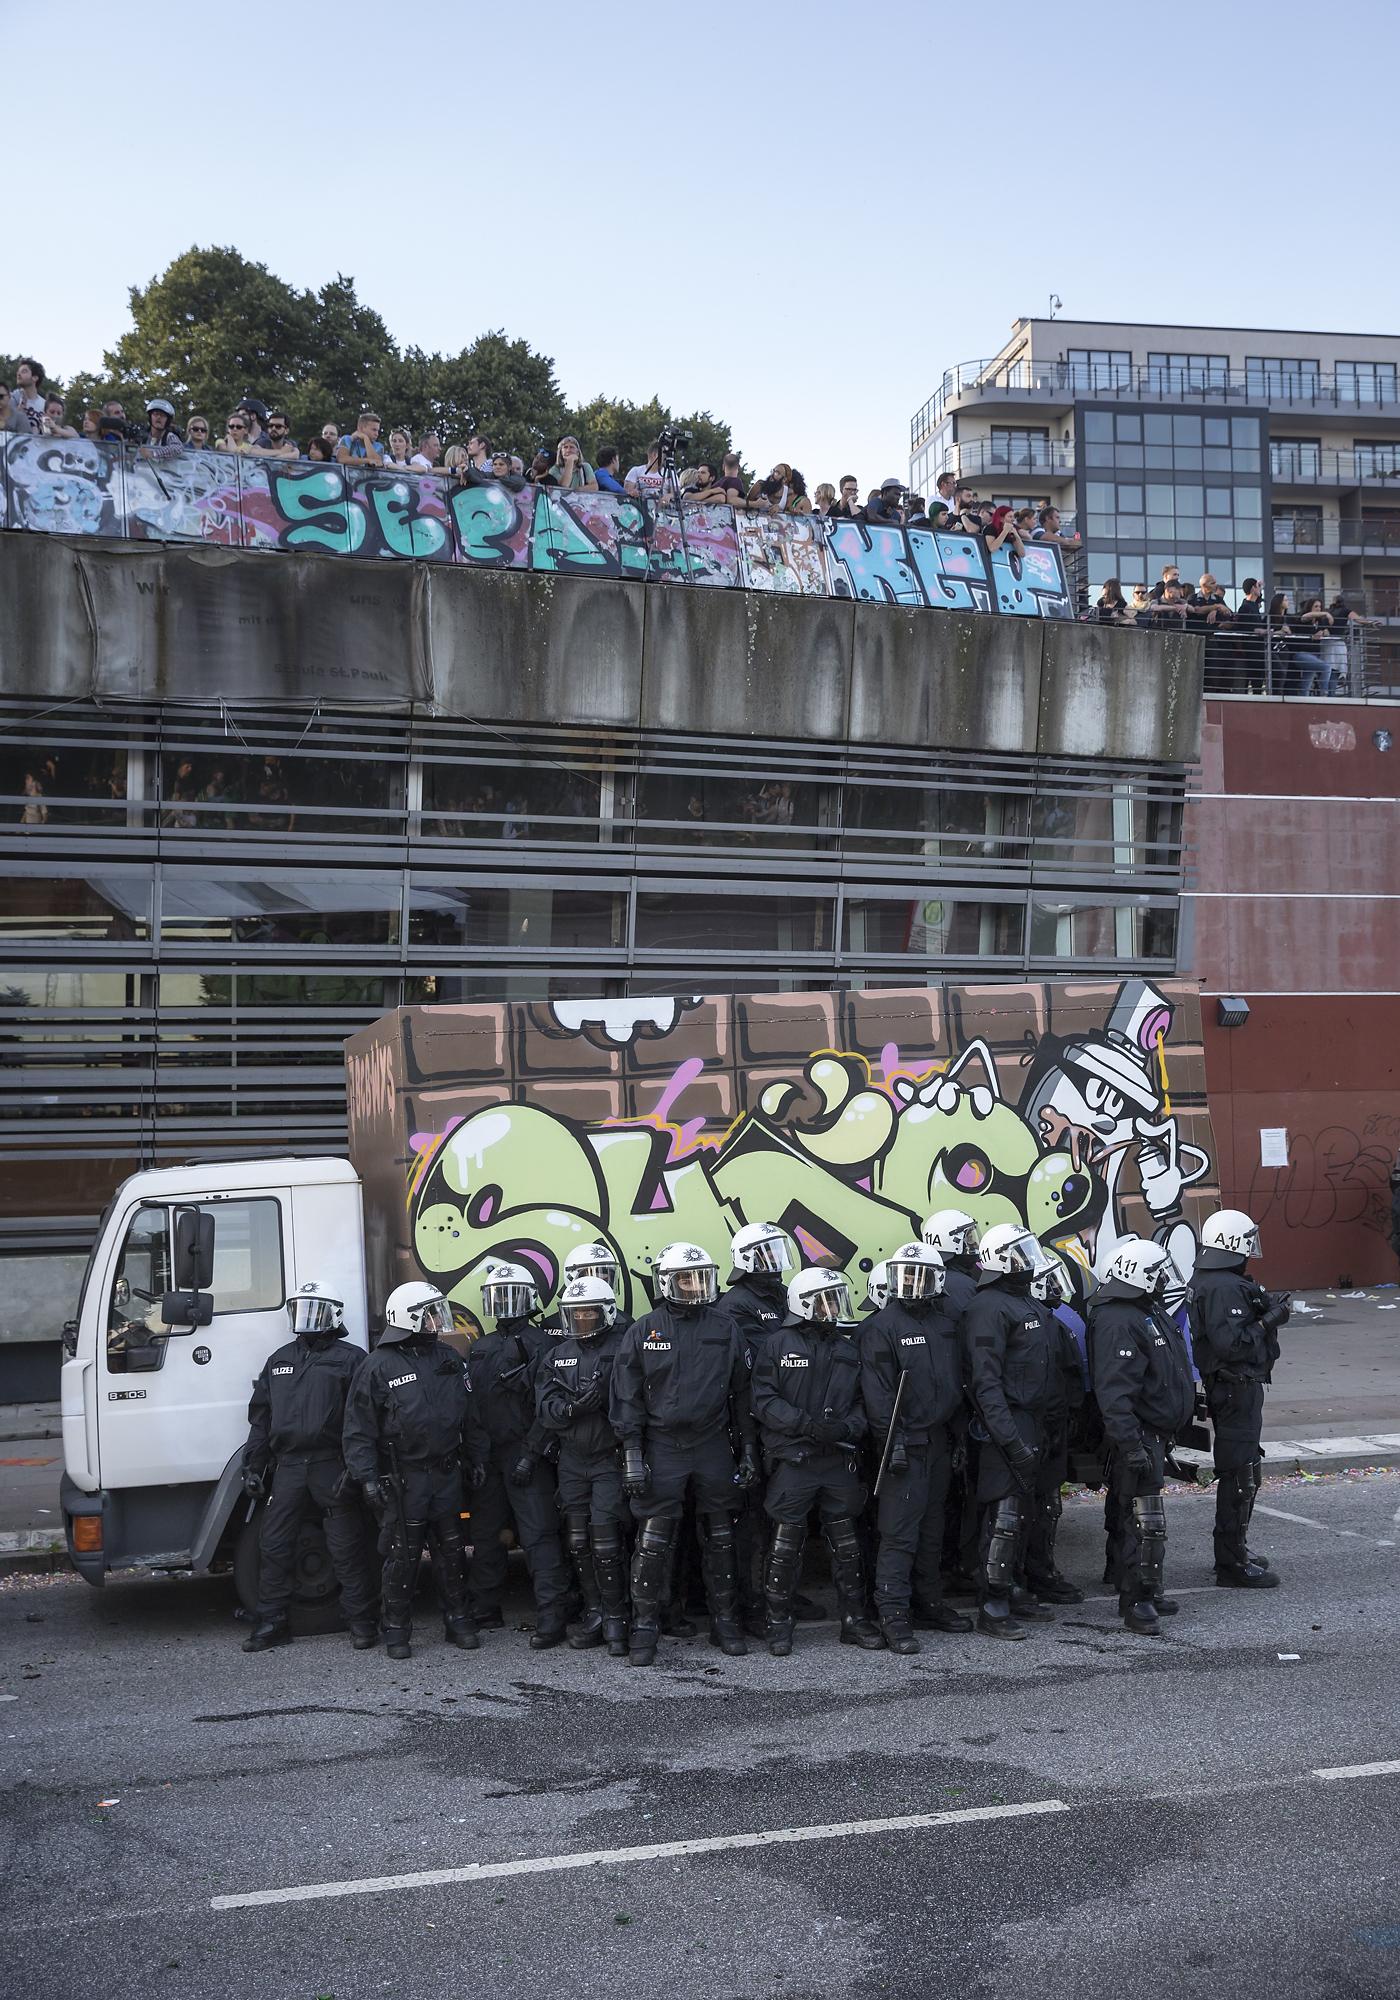 """Polizisten suchen am 06/07/2017 am Fischmarkt in Hamburg nach der Auflösung einer Demonstration unter dem Titel """"Welcome to Hell"""" Schutz hinter einem LKW. Foto Florian Schuh"""